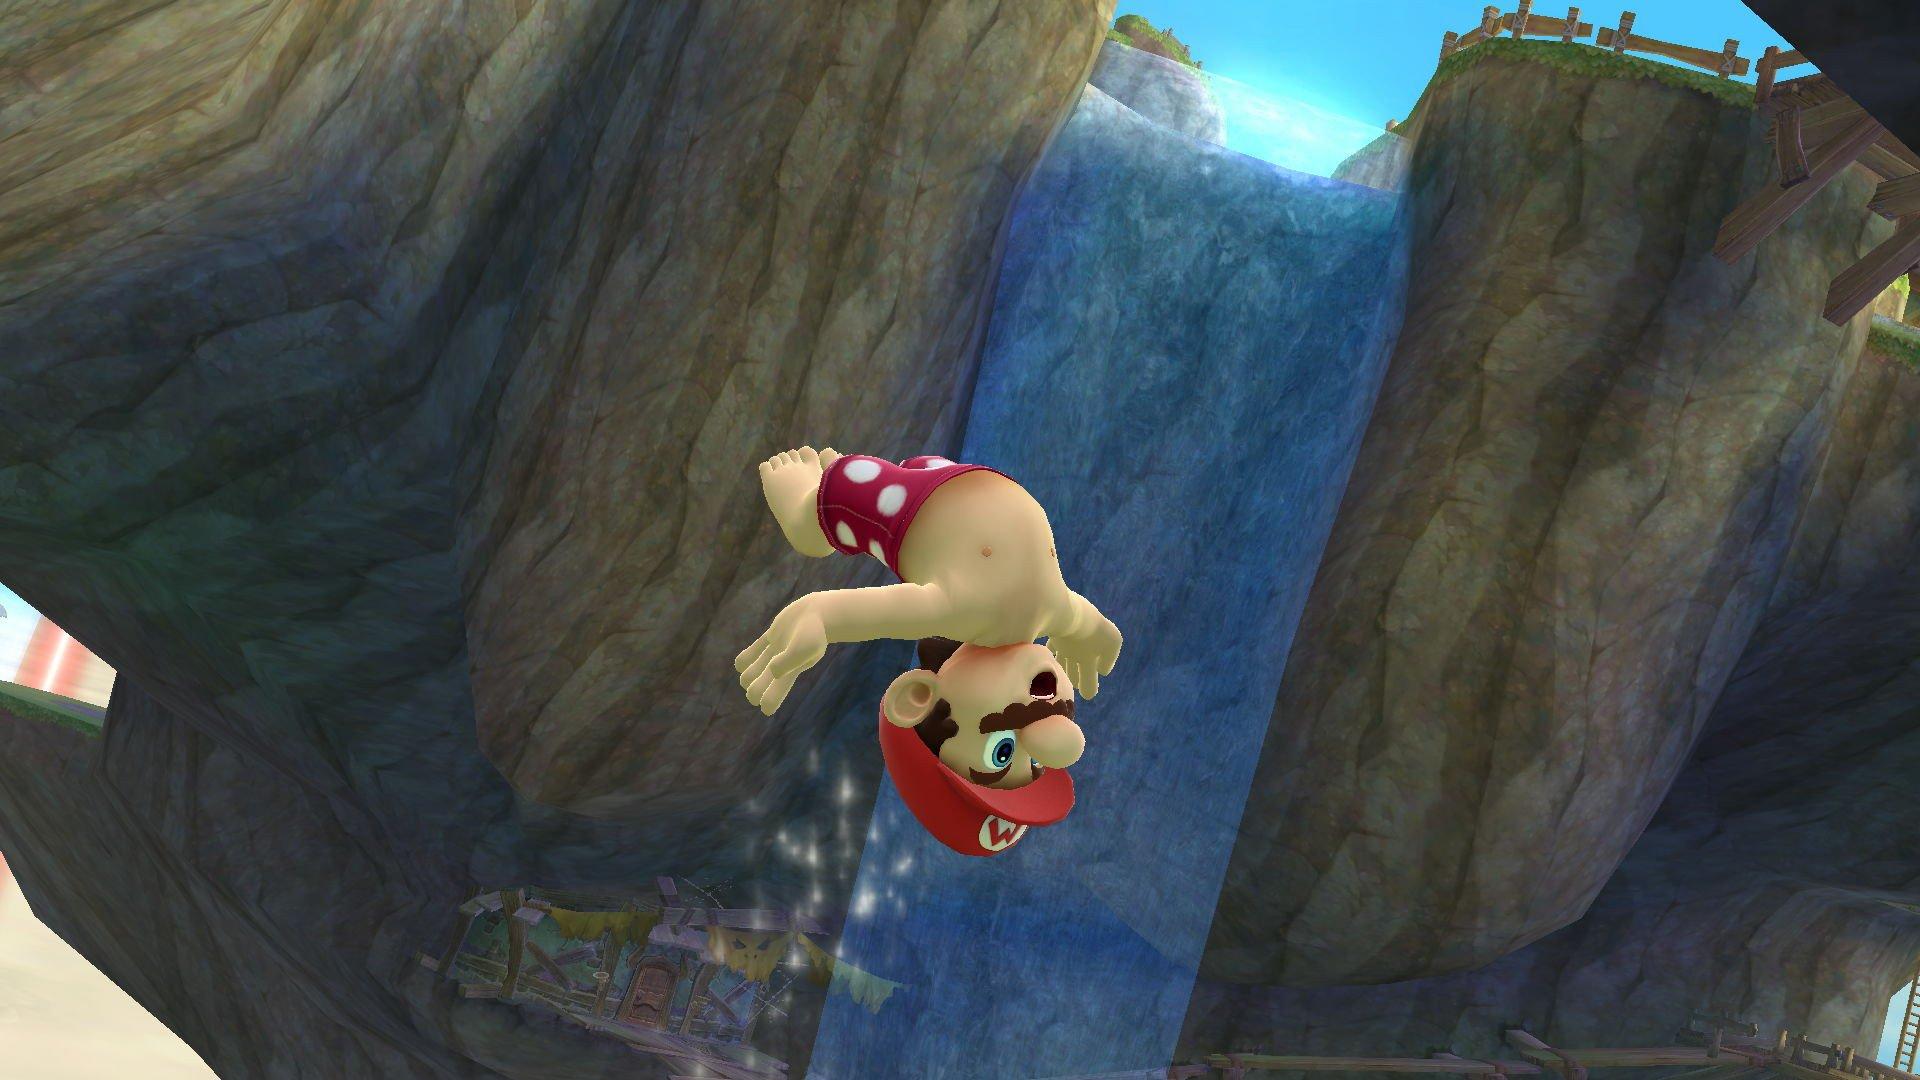 SuperSmashBros.-WiiU-3DS- WiiU Div 014